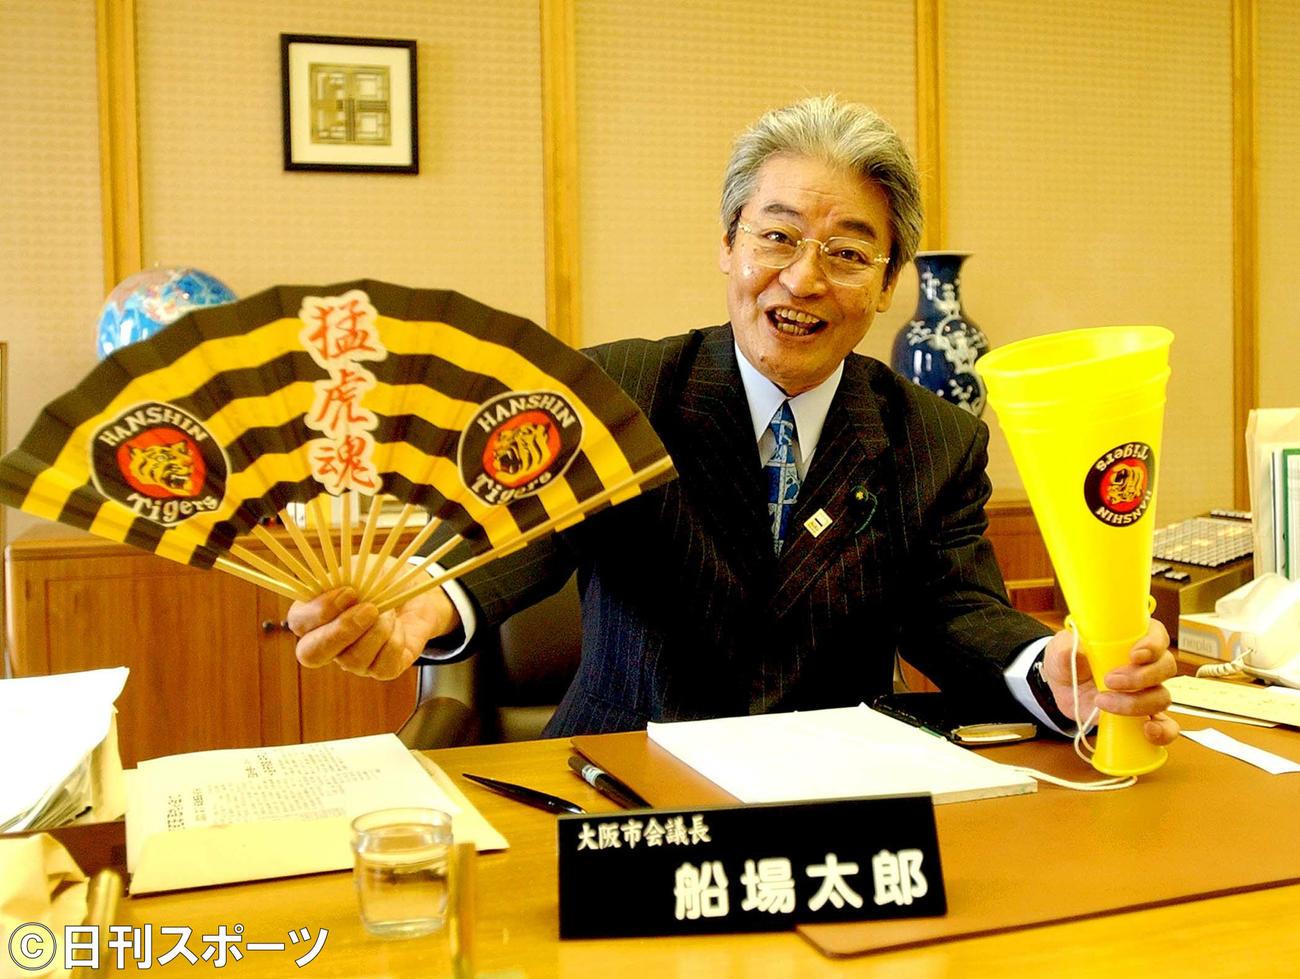 阪神タイガース愛を語った市議時代の船場太郎さん(2003年8月11日撮影)